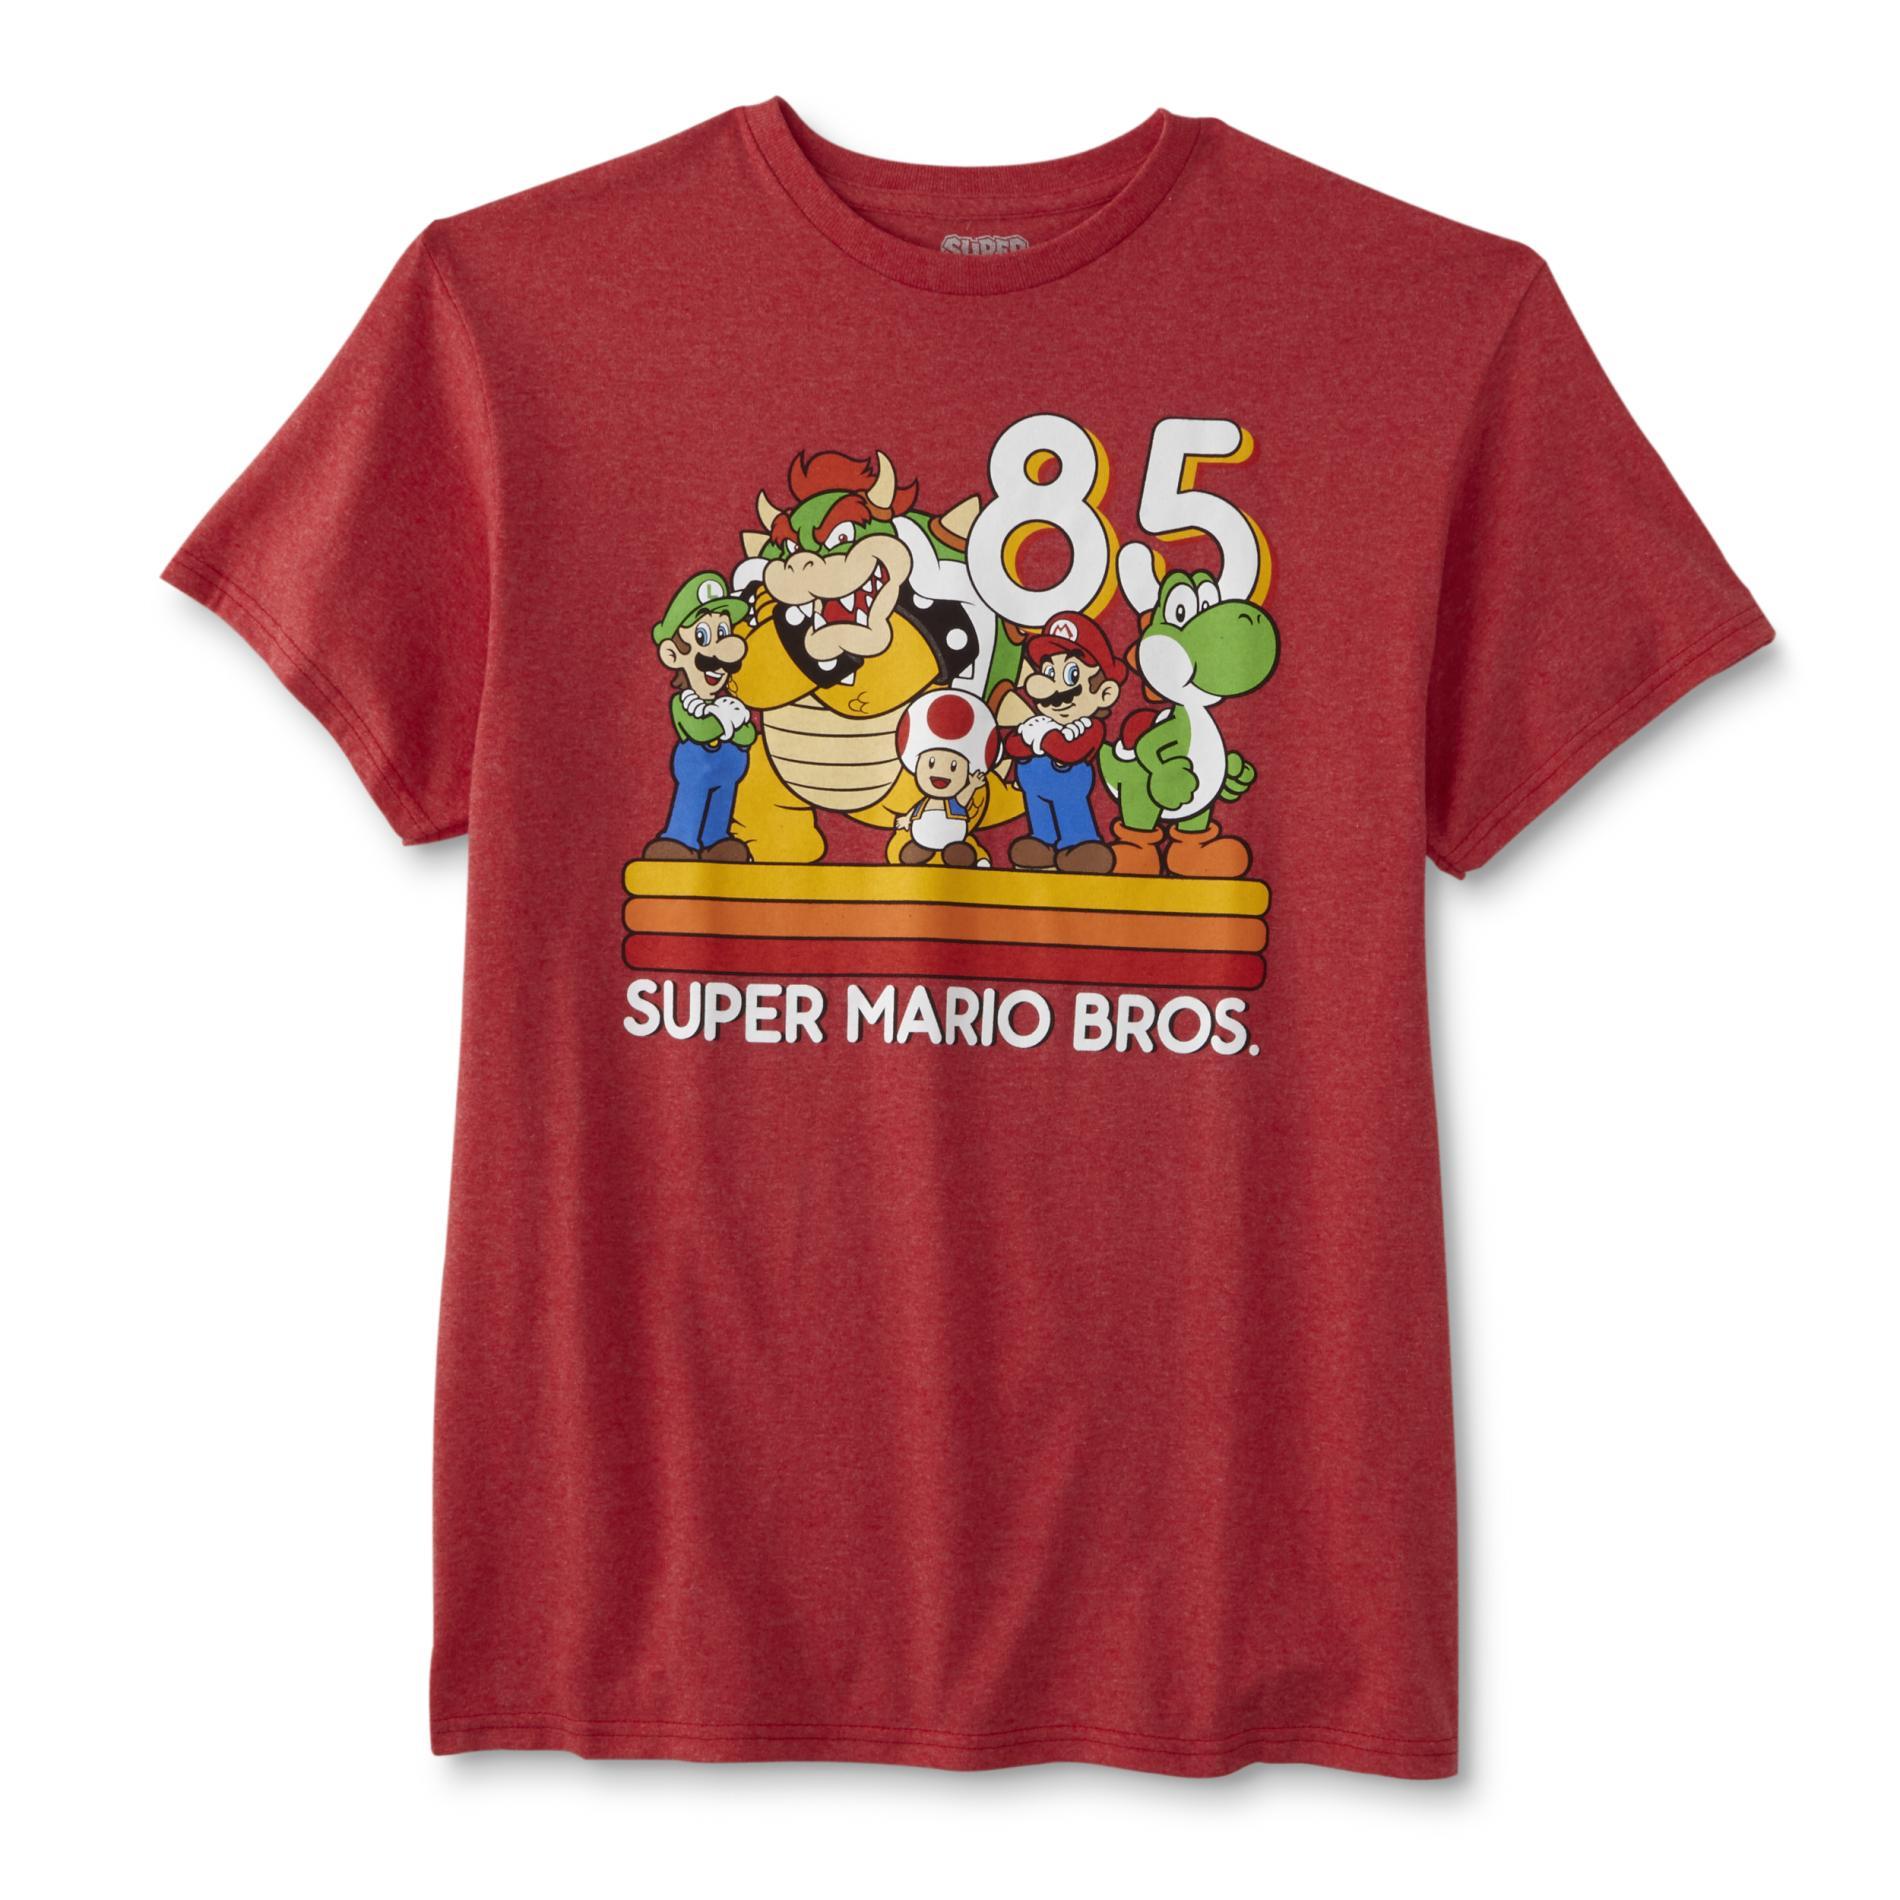 Nintendo Super Mario Bros. Men's Graphic T-Shirt